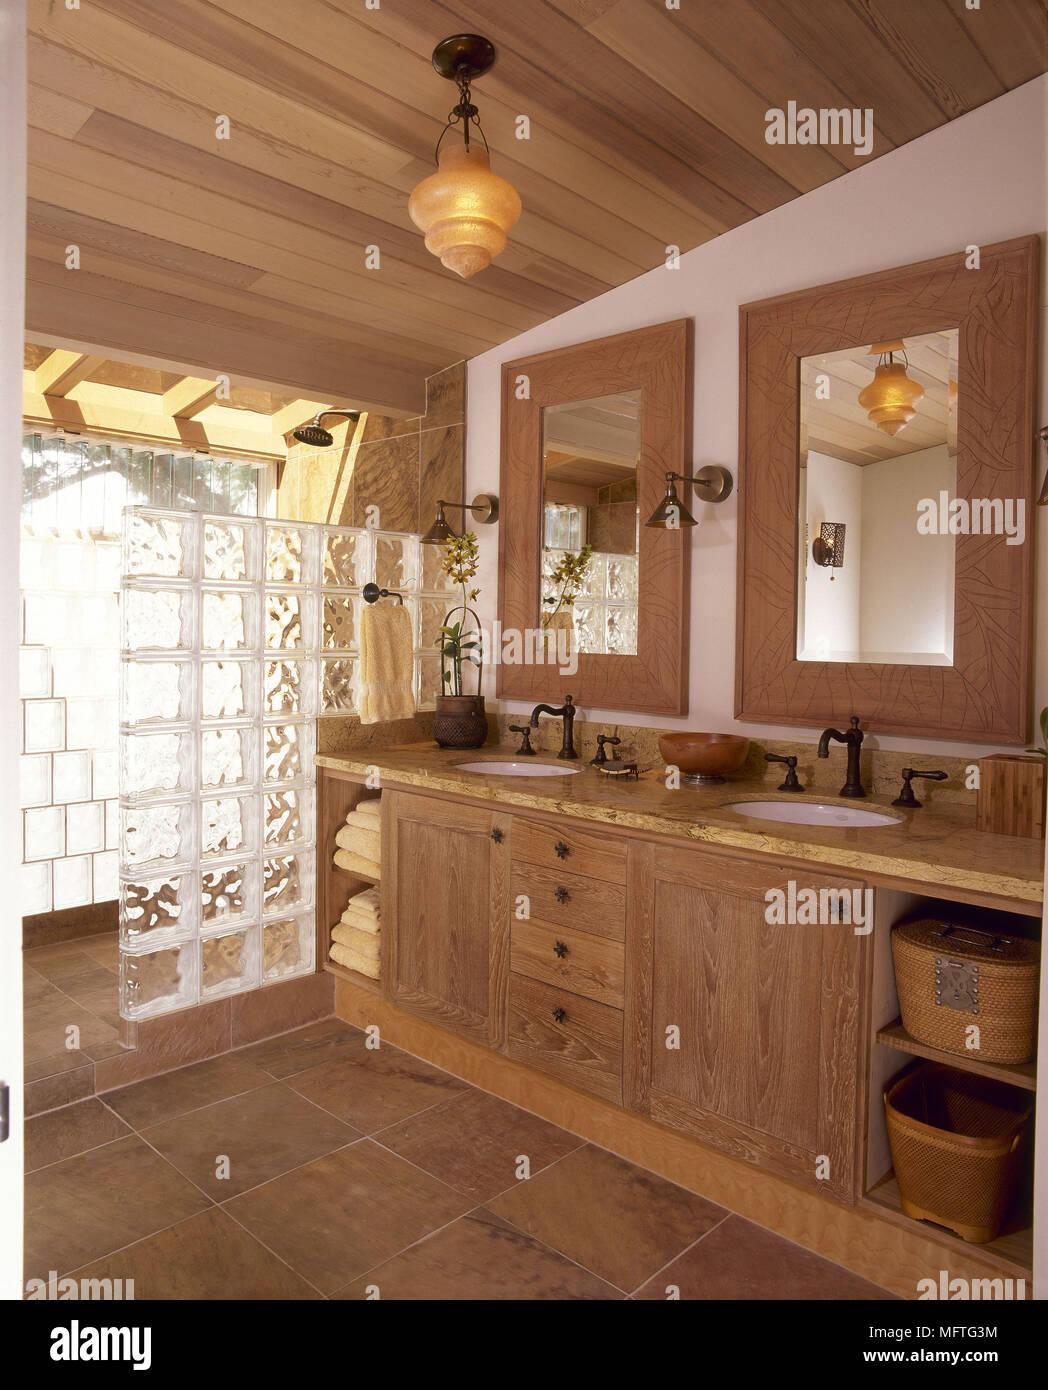 Landhausstil Badezimmer Mit 2 Waschbecken Und Dusche Hinter Glas Ziegel USA